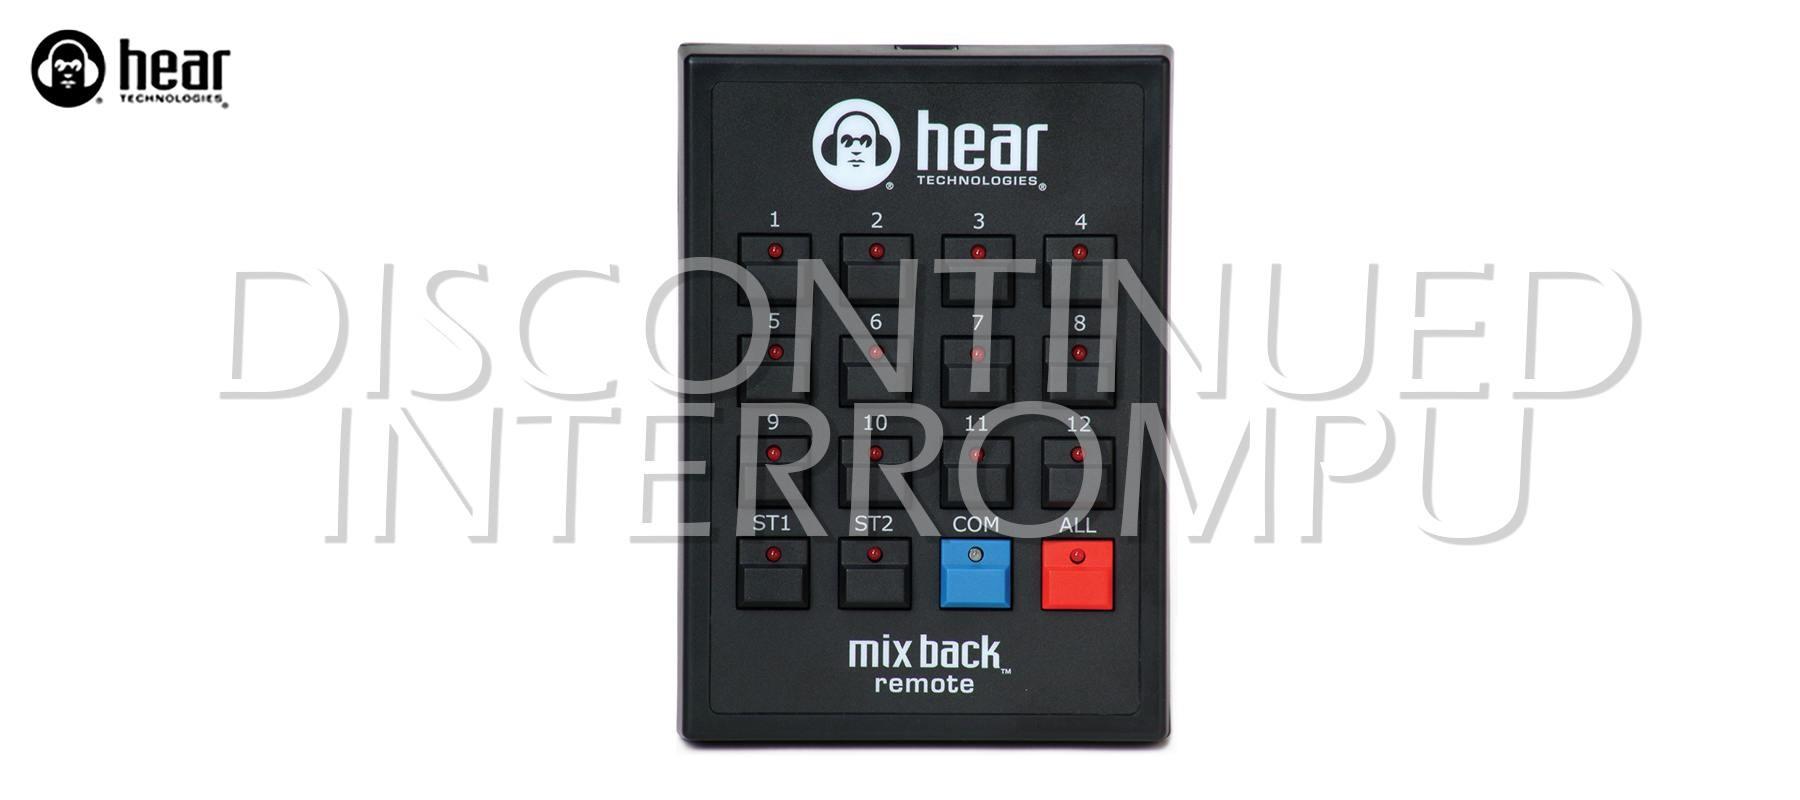 Mix Back Talkback Remote